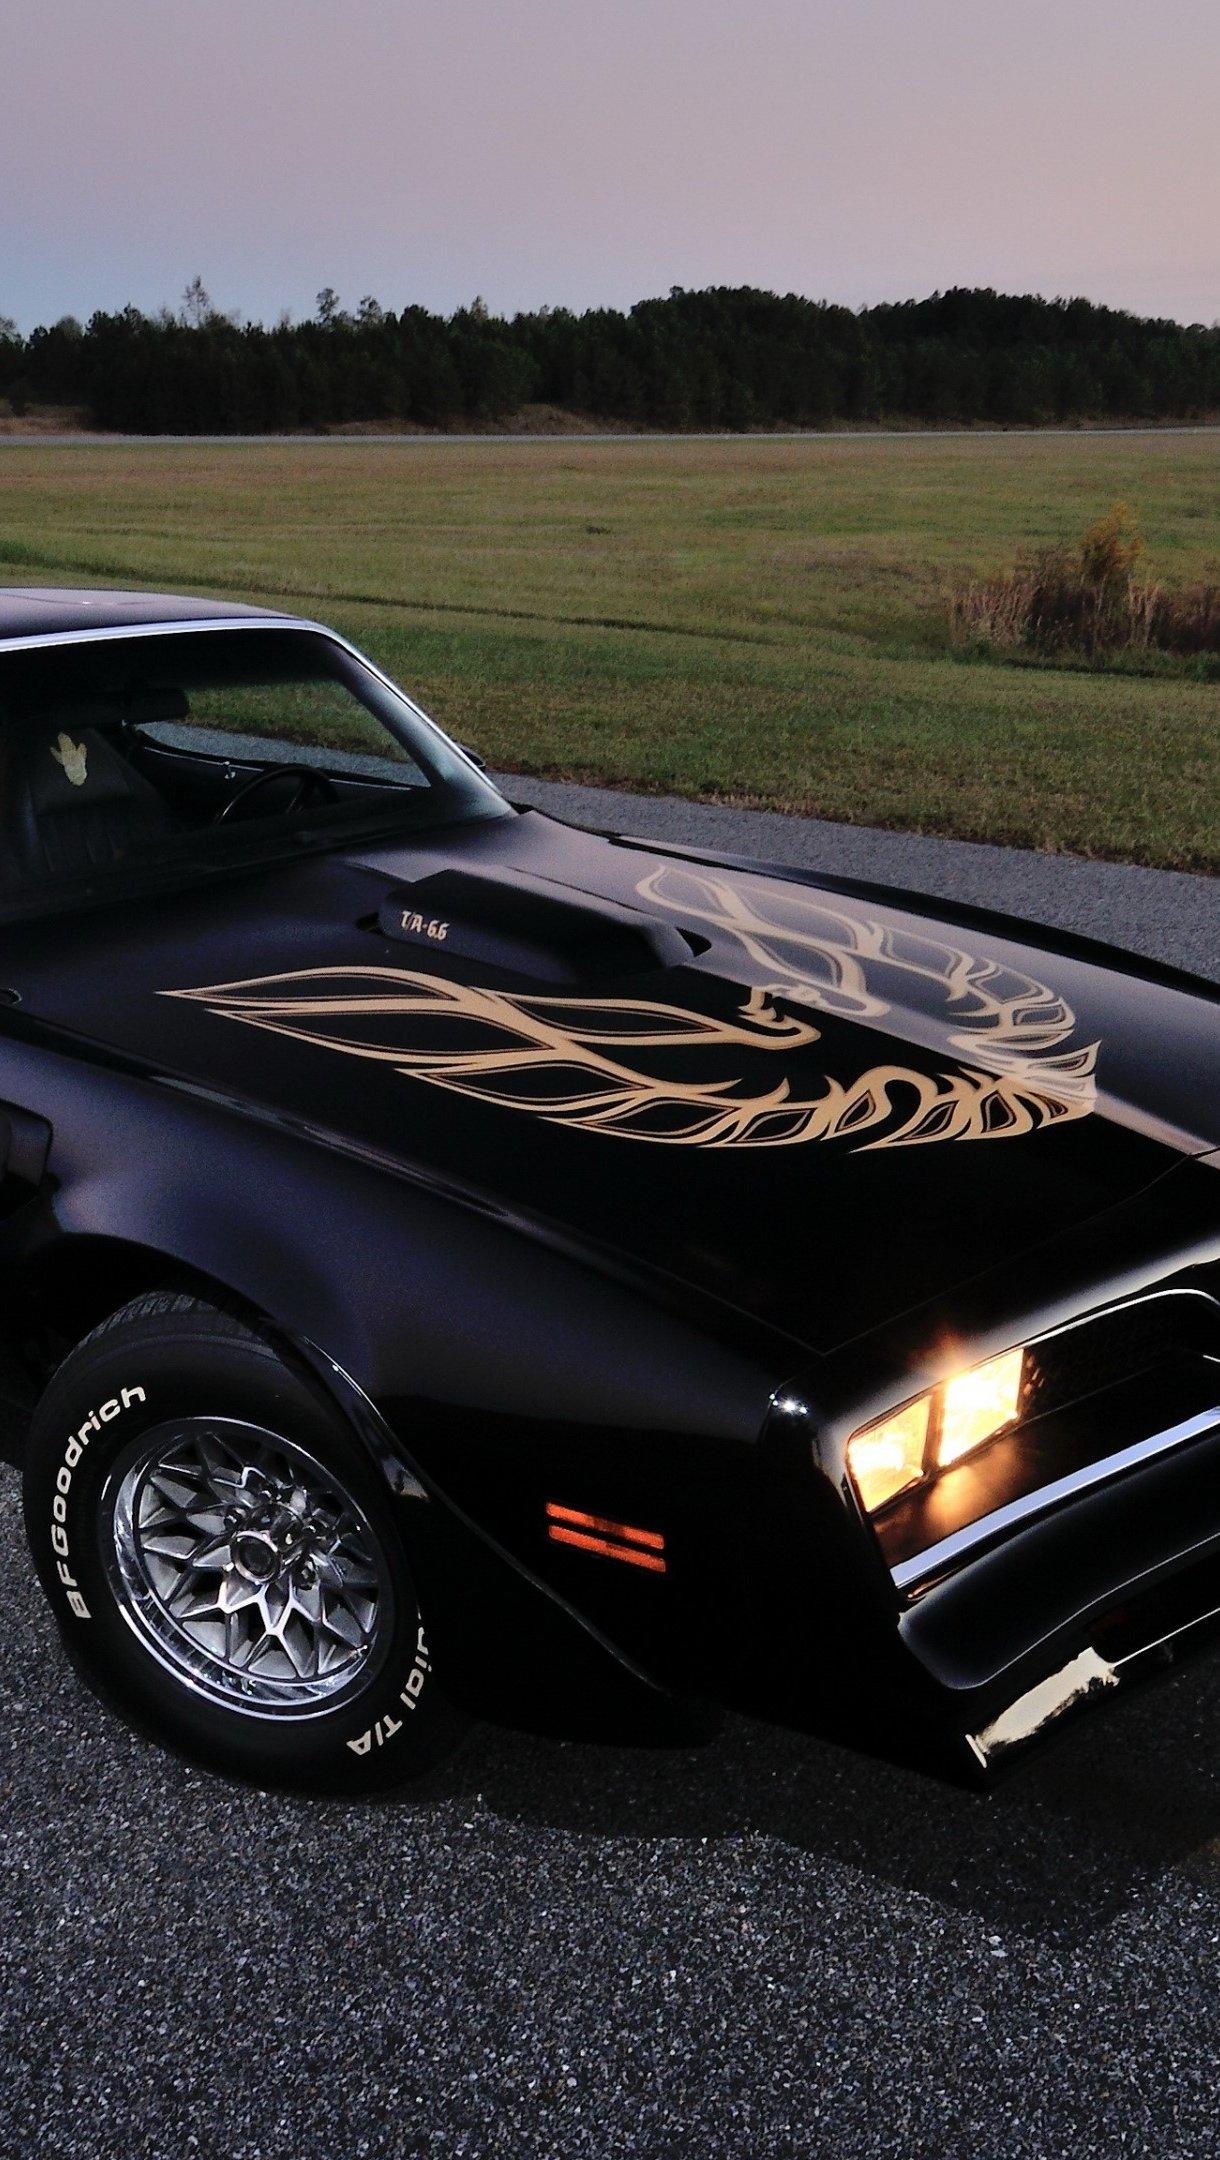 Wallpaper Pontiac Firebird 1978 Vertical